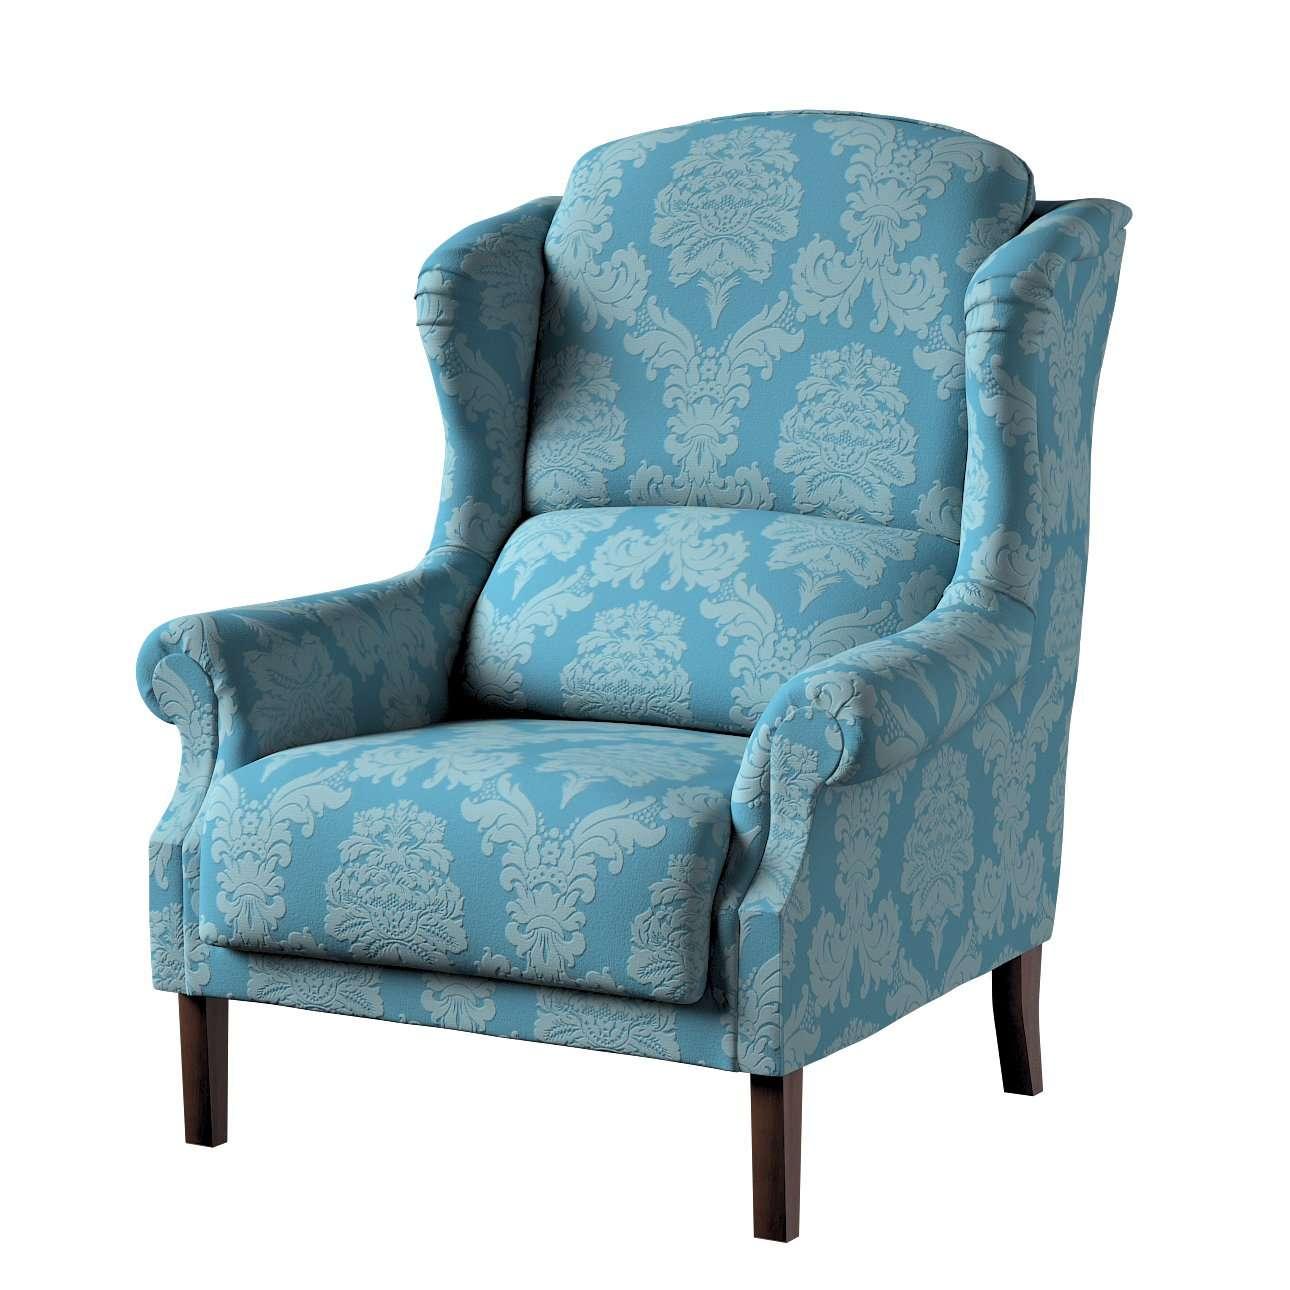 Sessel 63 x 115 cm von der Kollektion Damasco, Stoff: 613-67